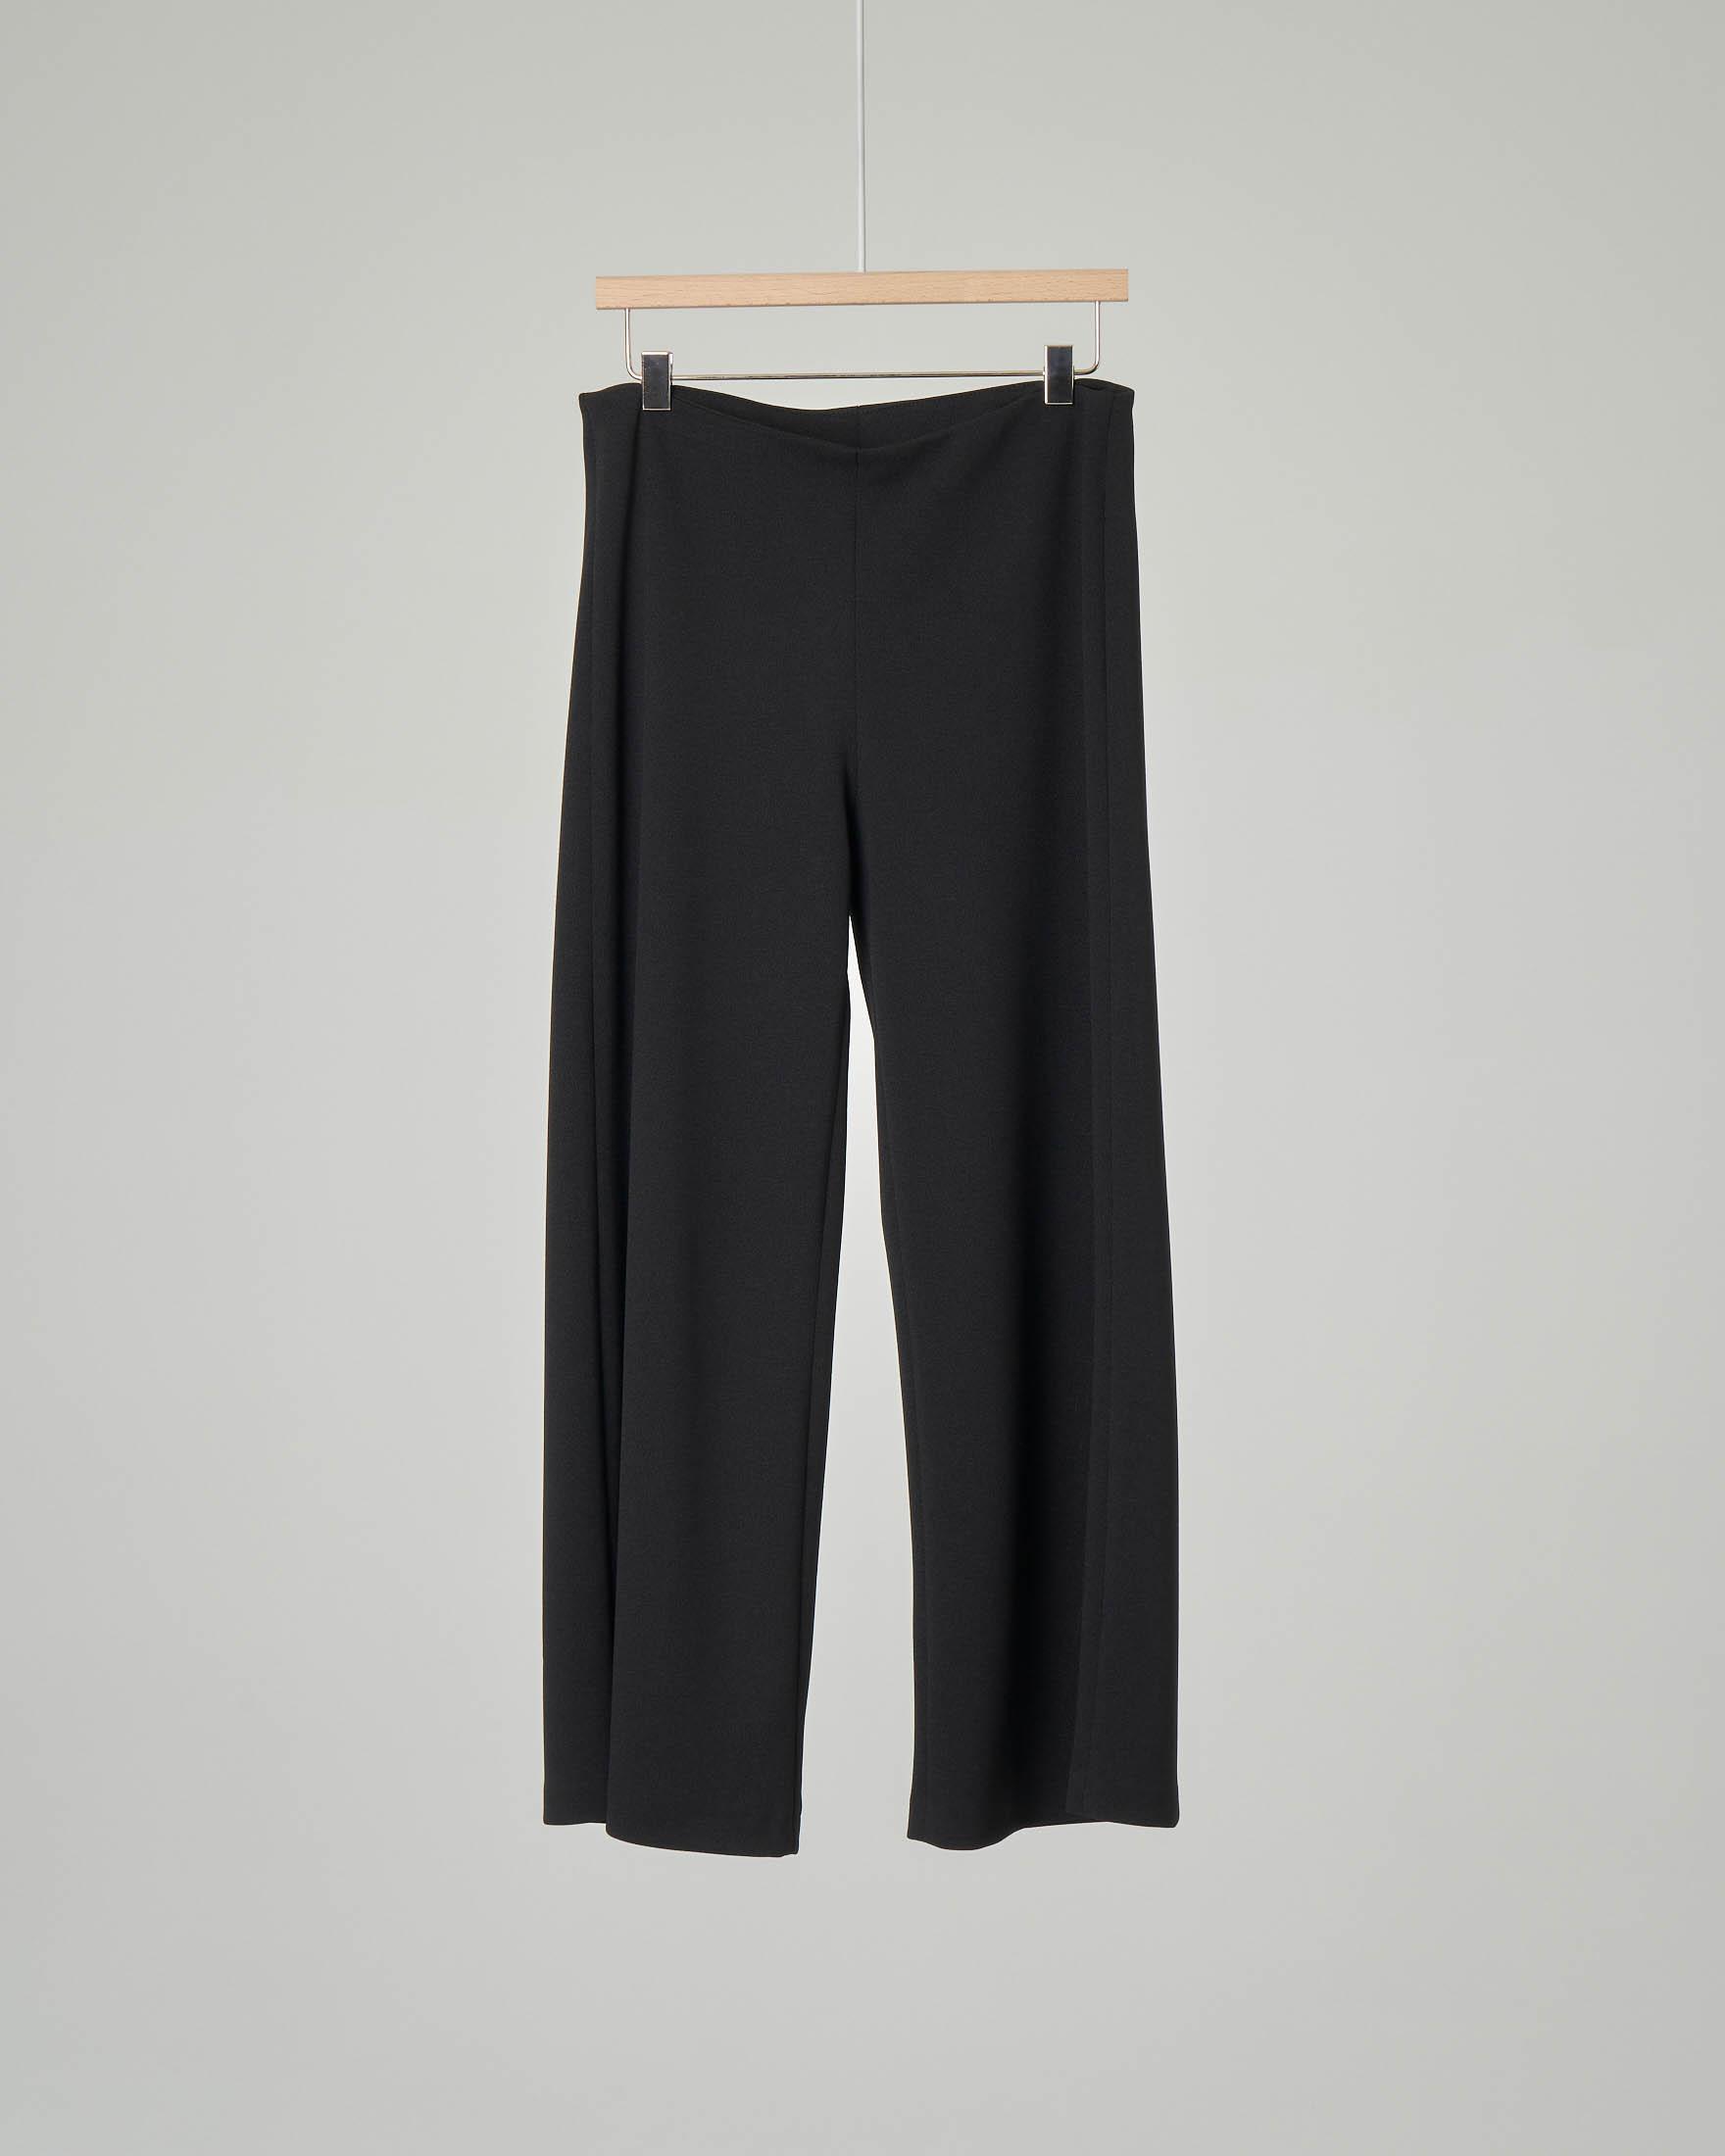 Pantalone a palazzo nero taglia 34-38